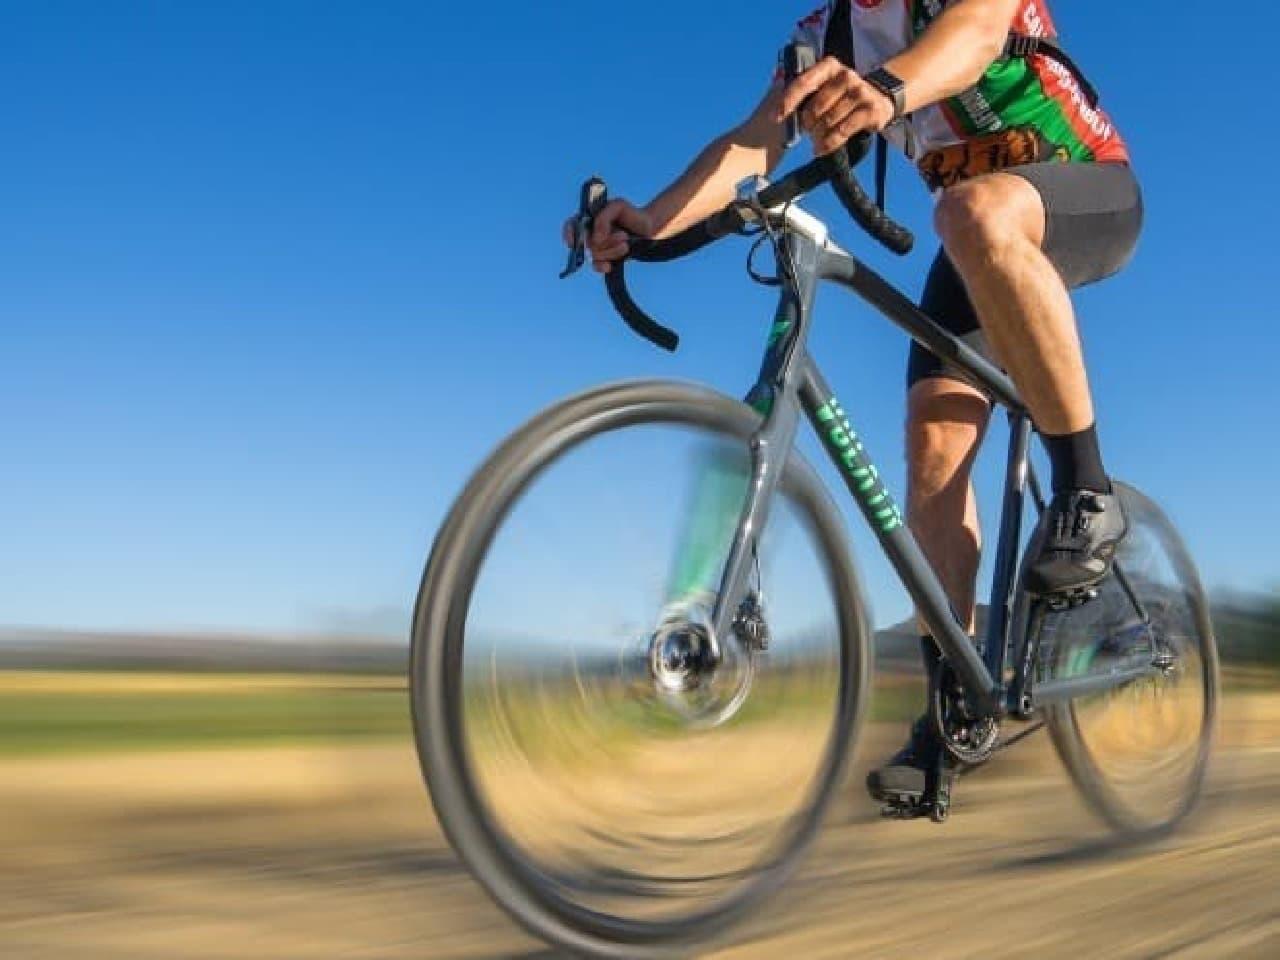 ―オールインワンの通勤用自転車「Volata」